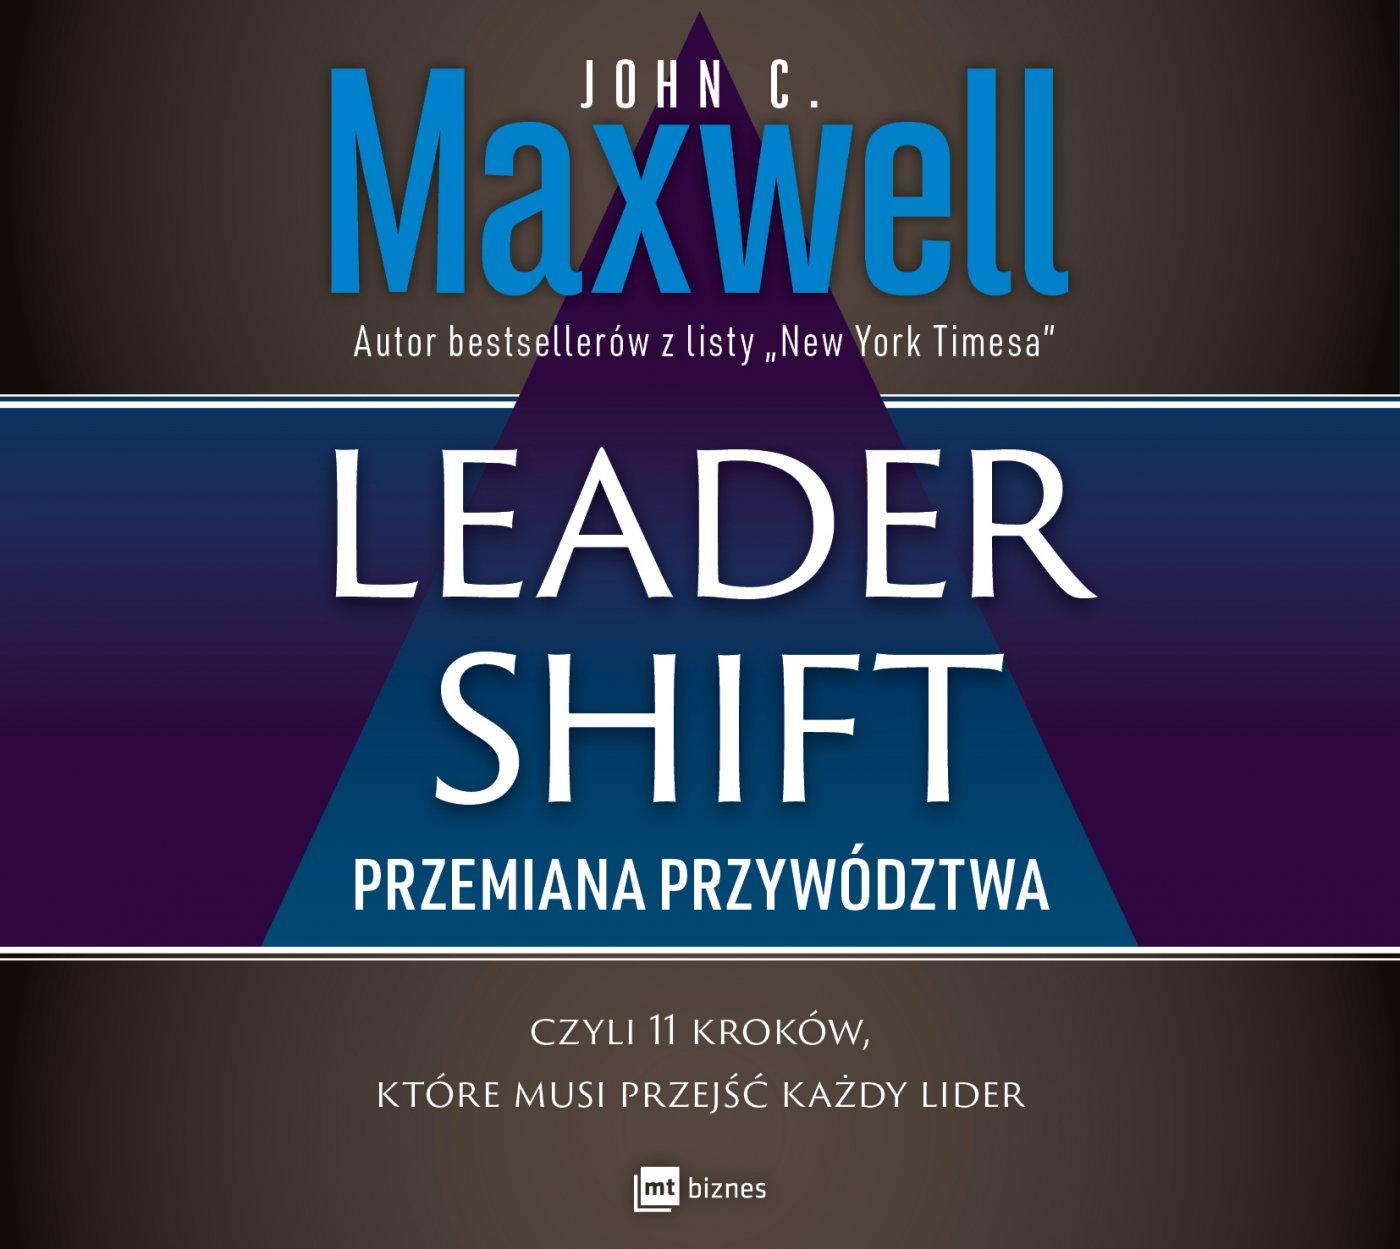 Leadershift. Przemiana przywództwa, czyli 11 kroków, które musi przejść każdy lider - Audiobook (Książka audio MP3) do pobrania w całości w archiwum ZIP